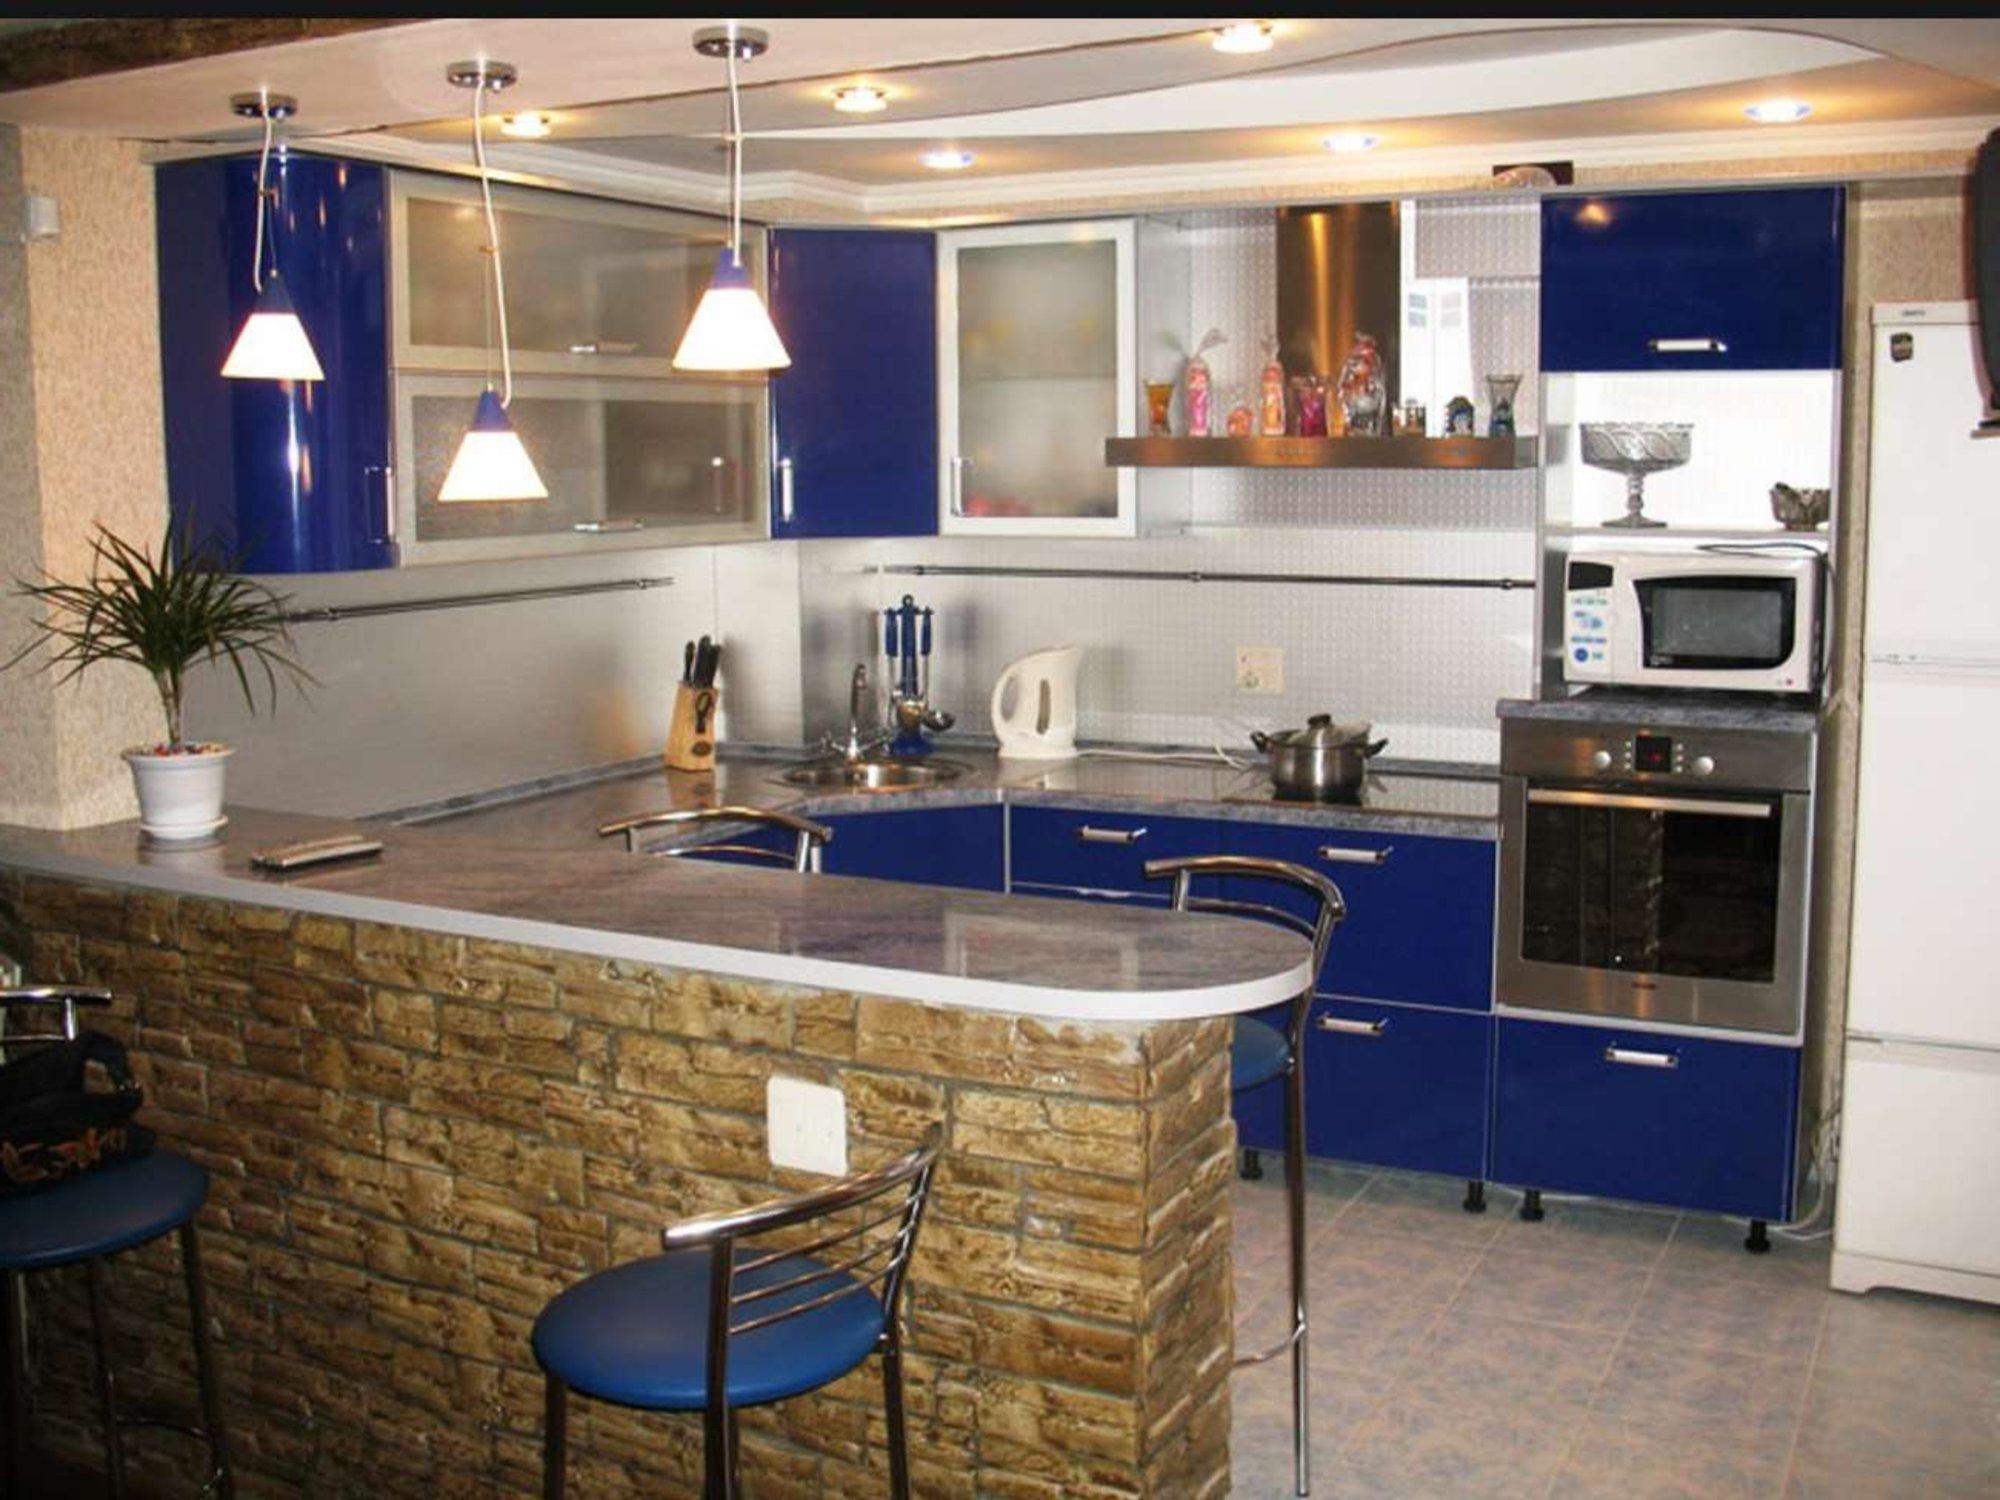 Угловая кухня с барной стойкой (56 фото): дизайн кухонного г.